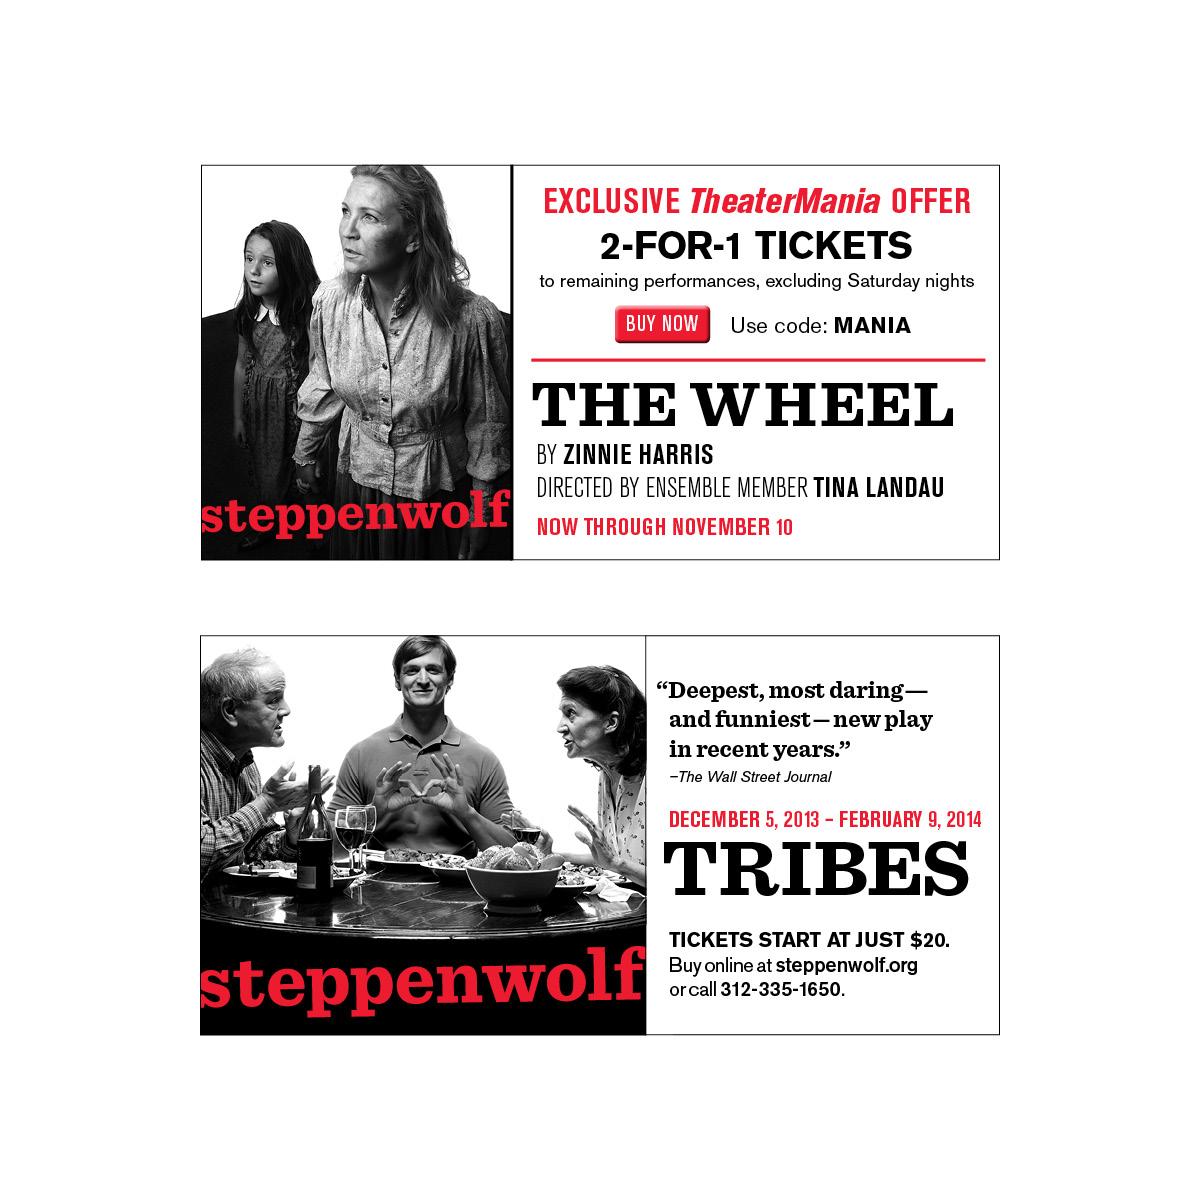 Steppenwolf_web_1.jpg